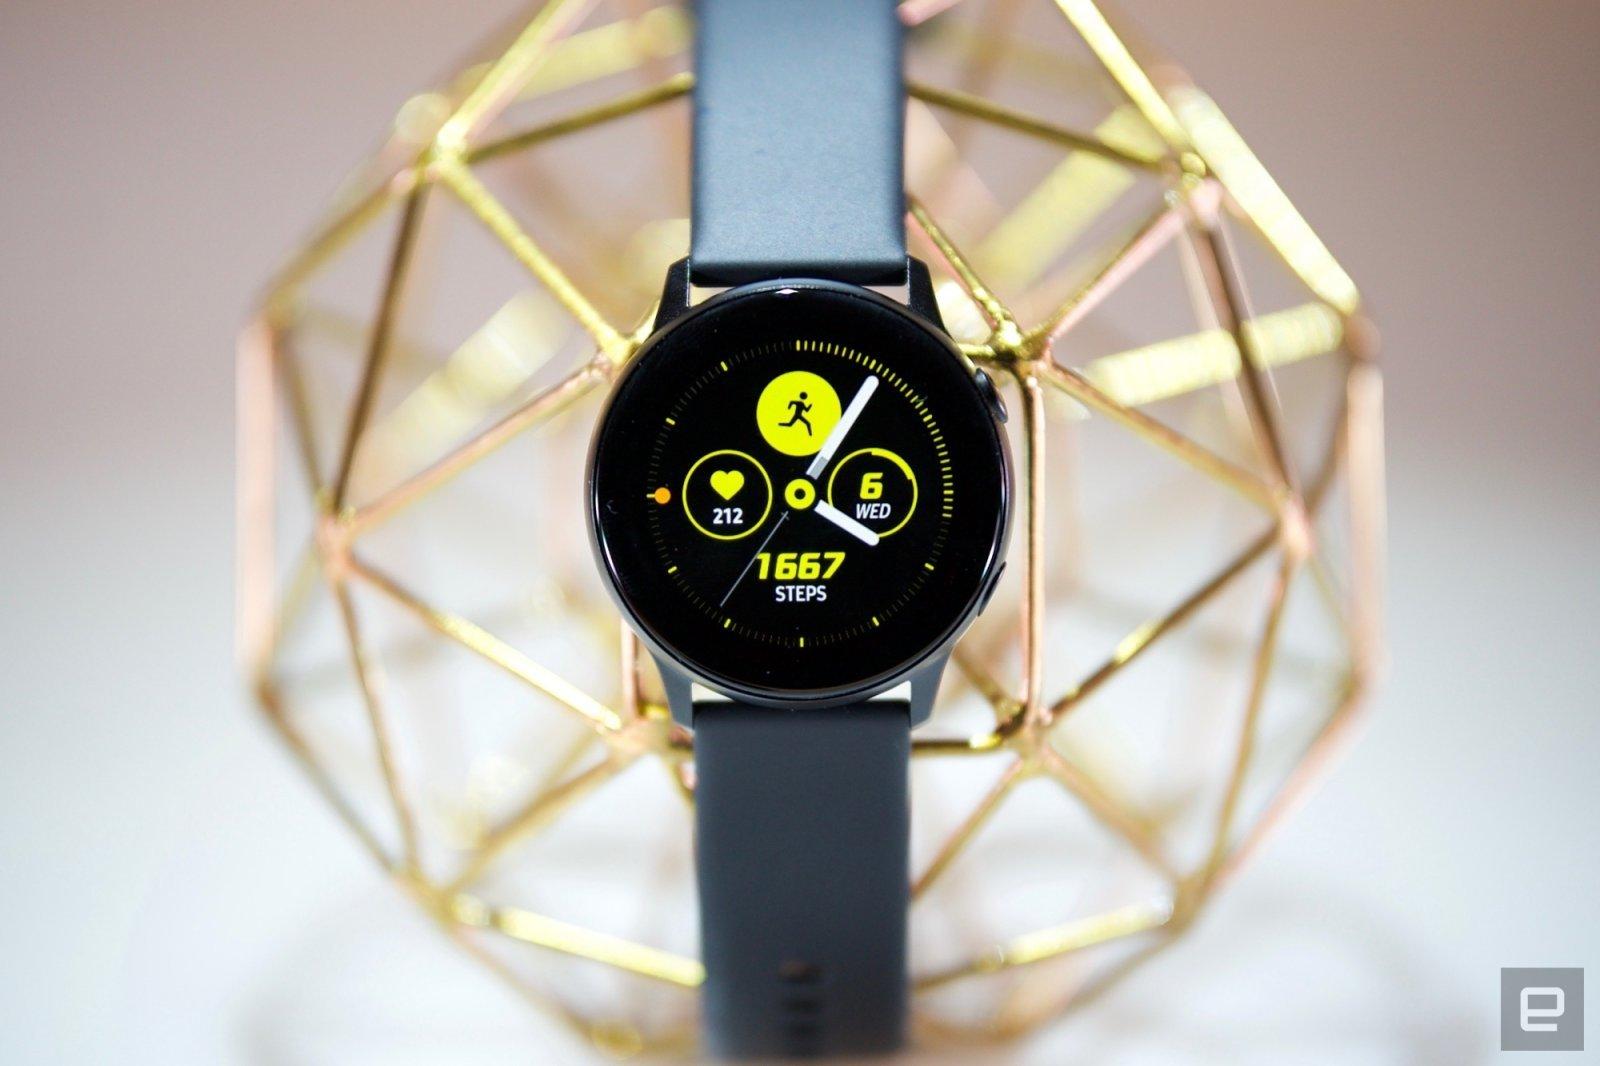 سورپرایز سامسونگ - امکان استفاده از قابلیتهای Galaxy Watch Active در ساعتهای هوشمند قدیمی